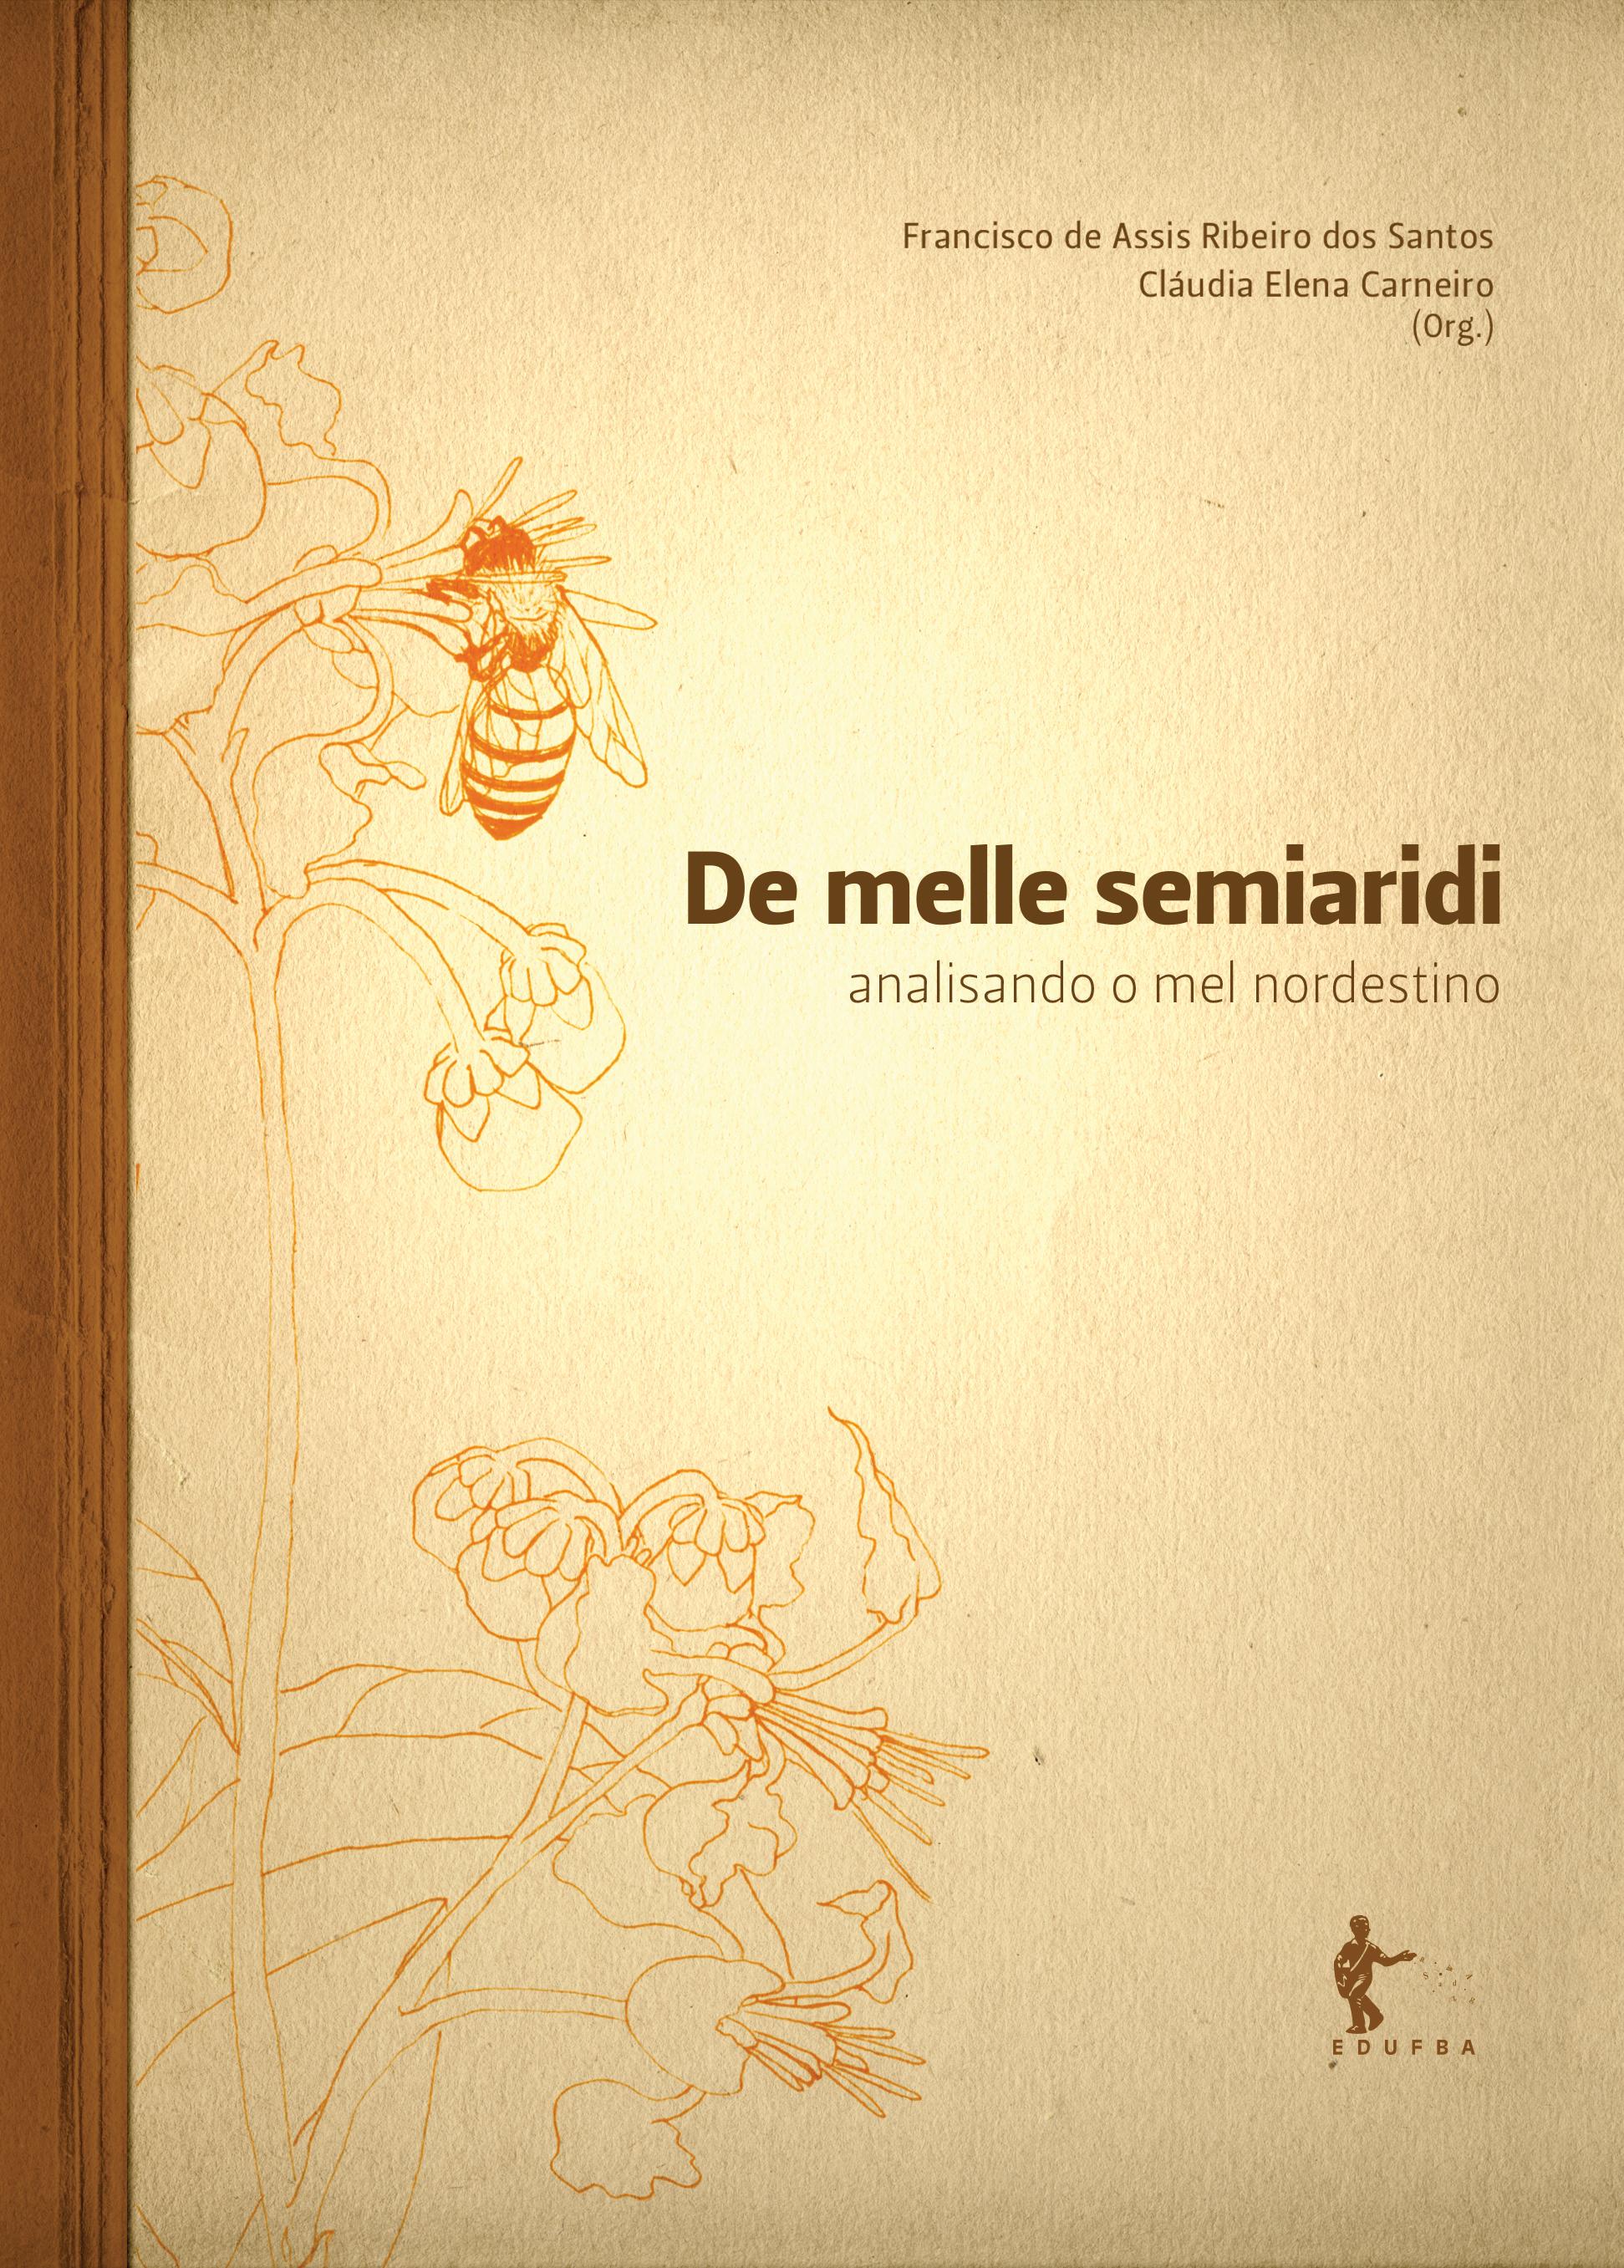 De melle semiaridi - Analisando o mel nordestino, livro de Francisco de Assis Ribeiro dos Santos, Cláudia Elena Carneiro (orgs.)